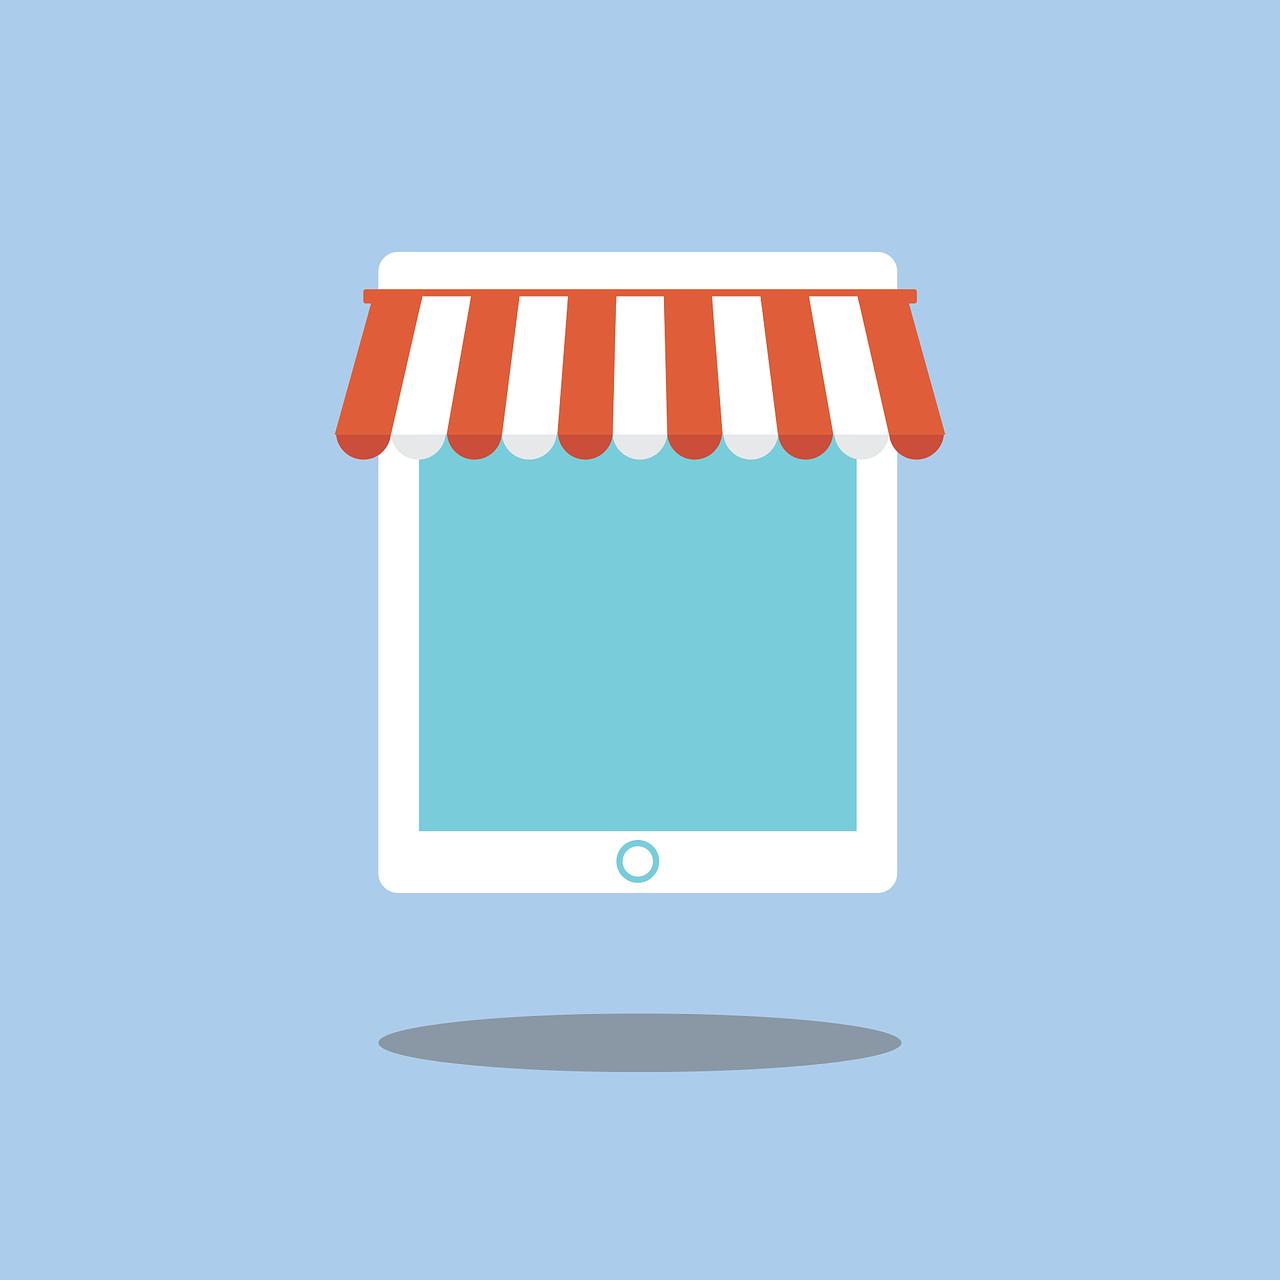 טיפים לקידום חנות אינטרנטית